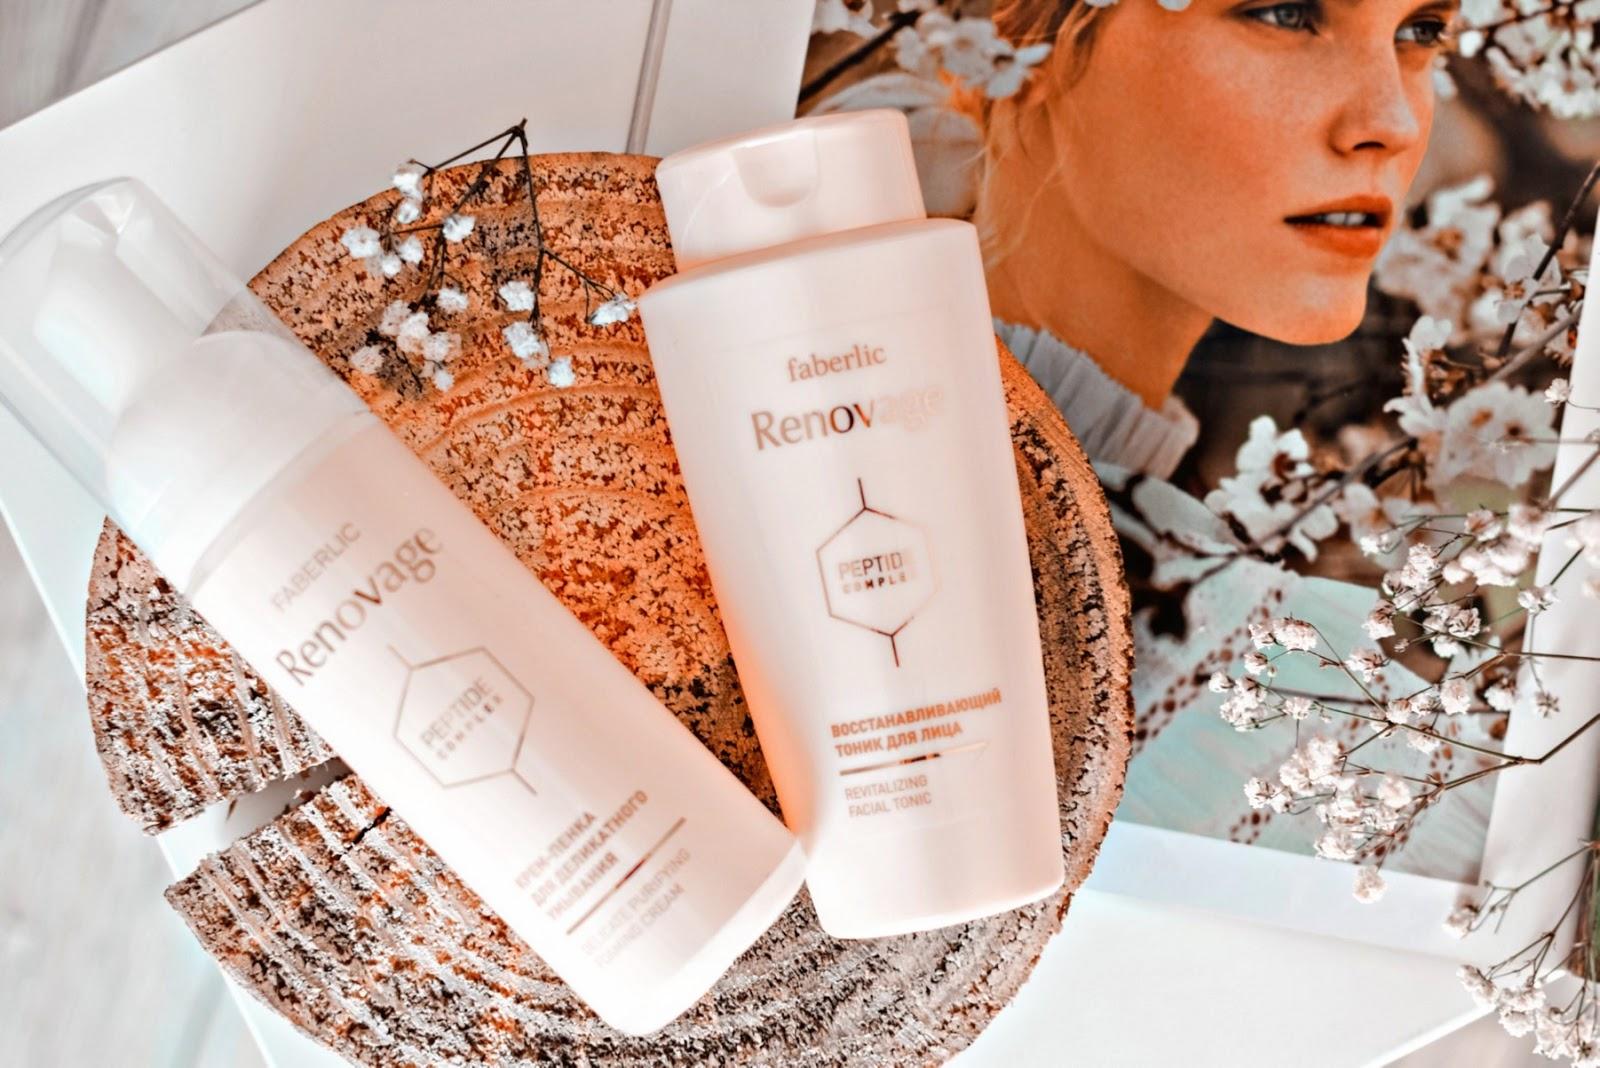 Dwa kroki w pielęgnacji z kosmetykami Renovage - Faberlic